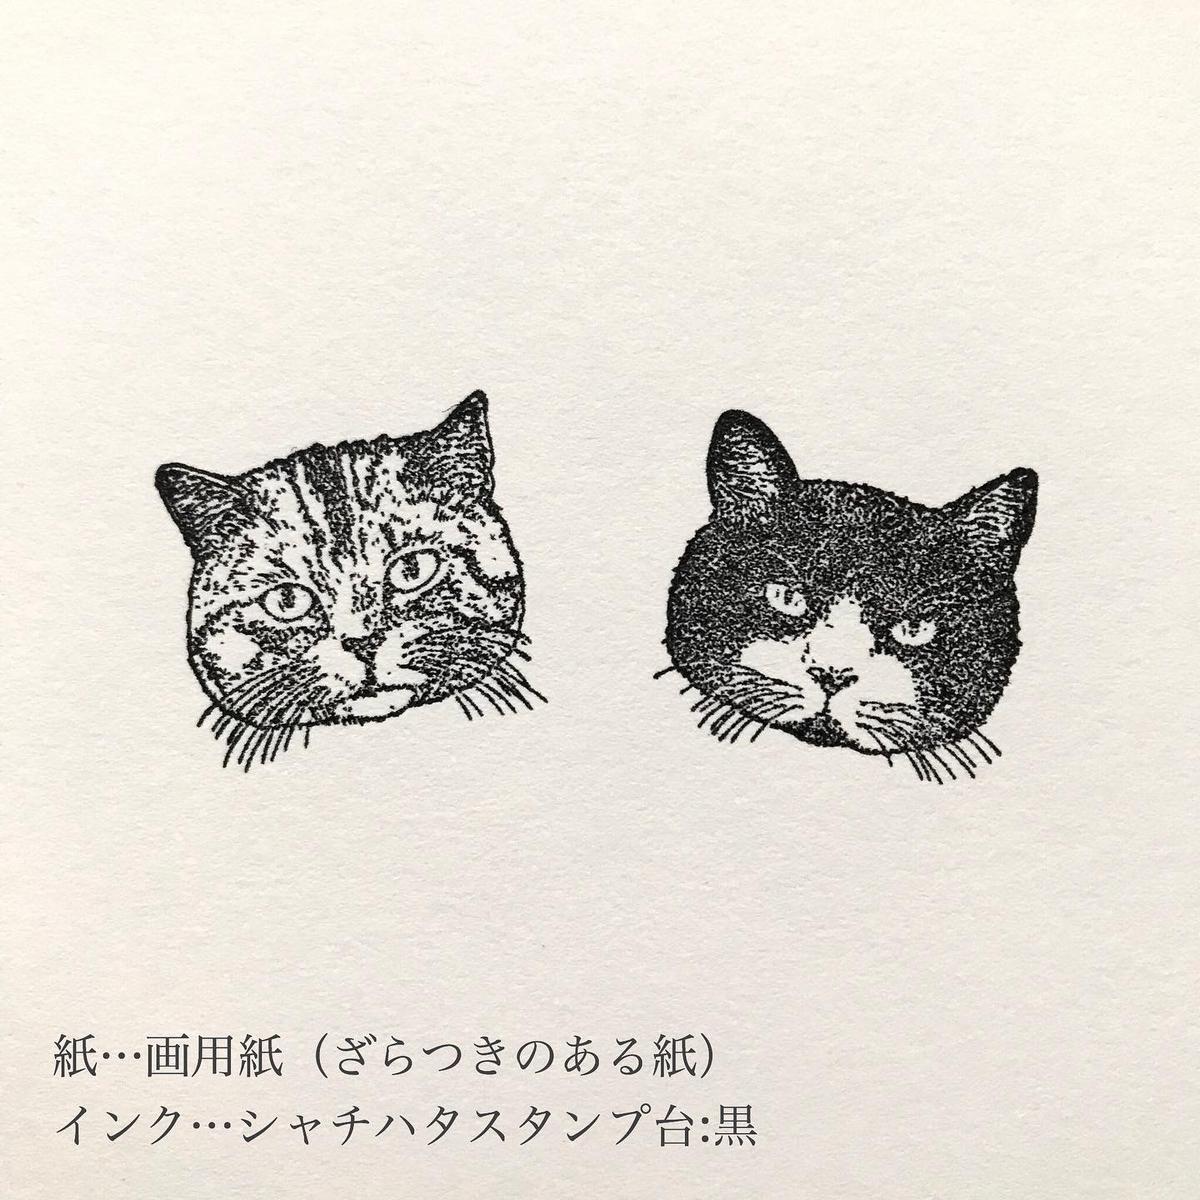 f:id:nemunoki-letter:20200118121455j:plain